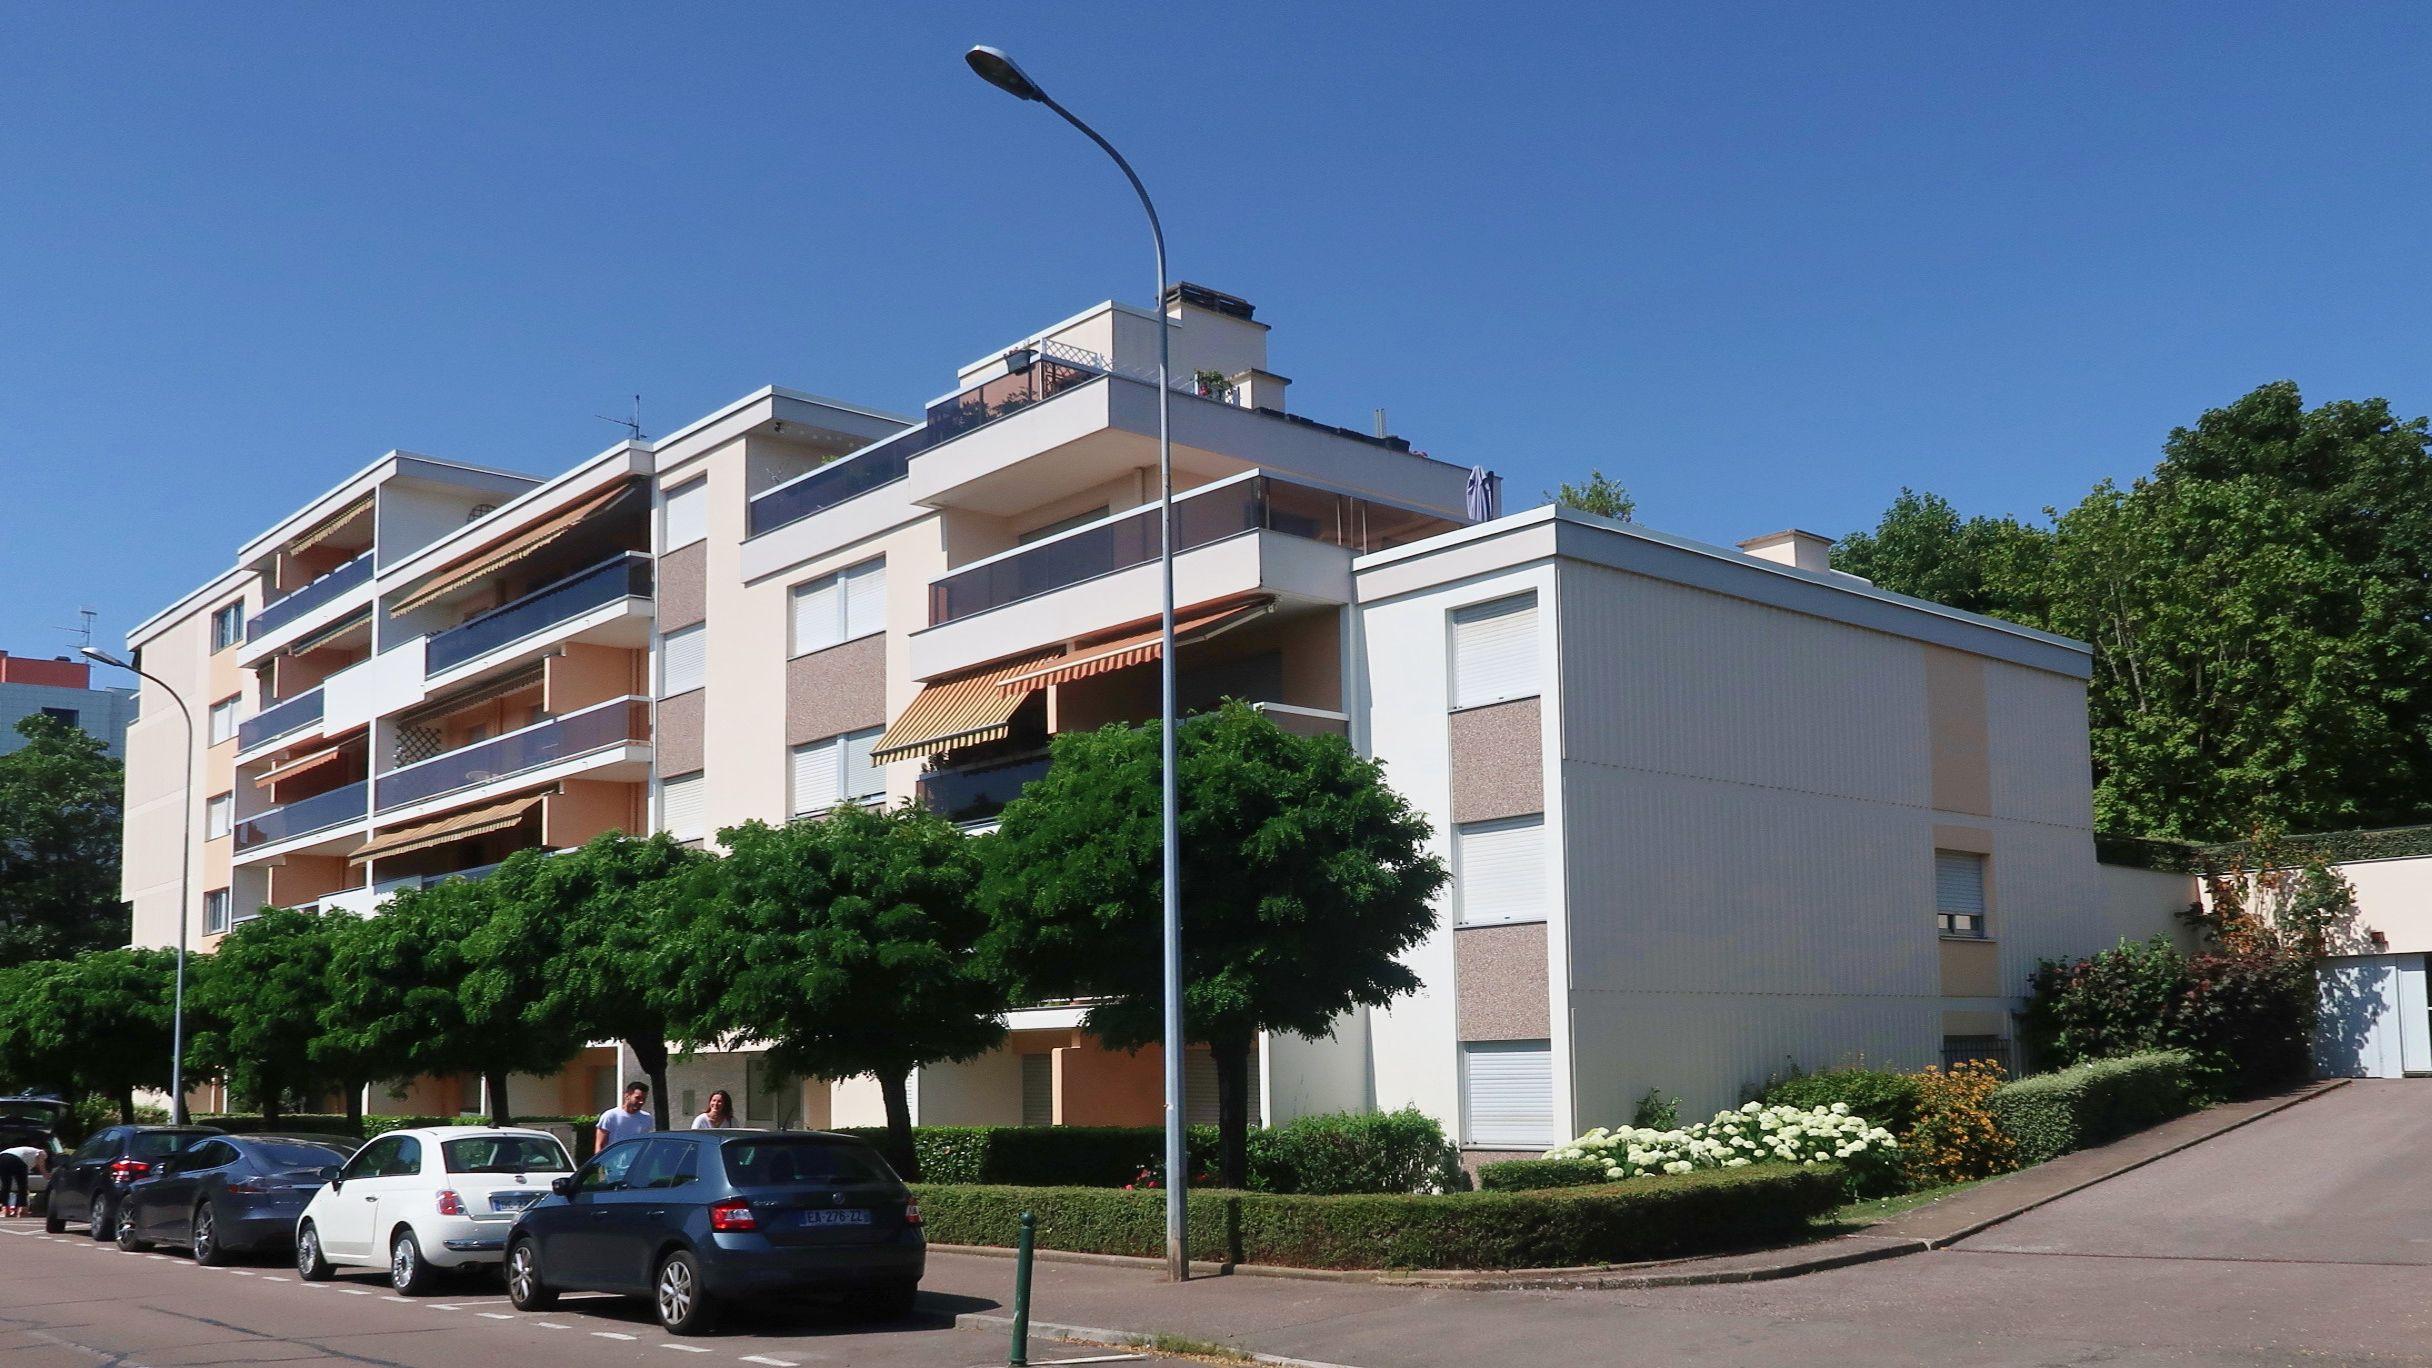 37 Boulevard Maréchal Leclerc